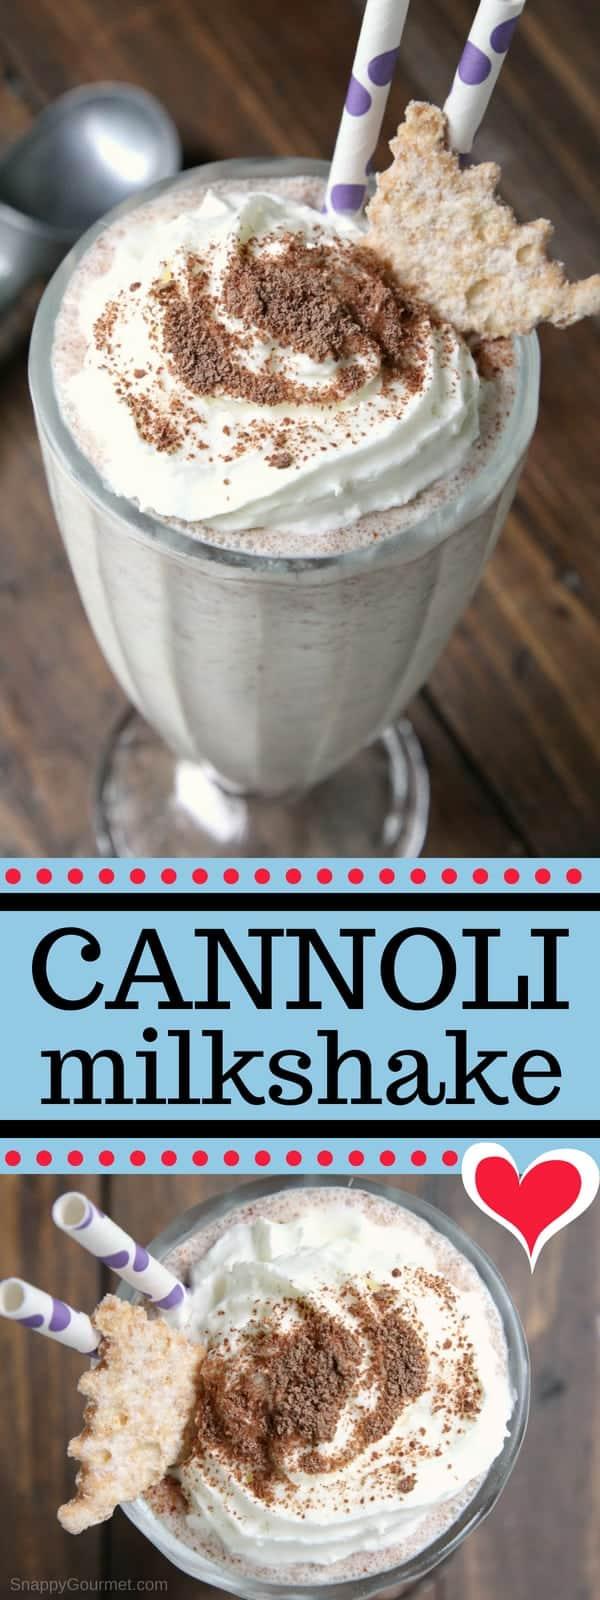 Homemade Cannoli Milkshake - fun milkshake recipe with vanilla, ricotta, orange, and chocolate!